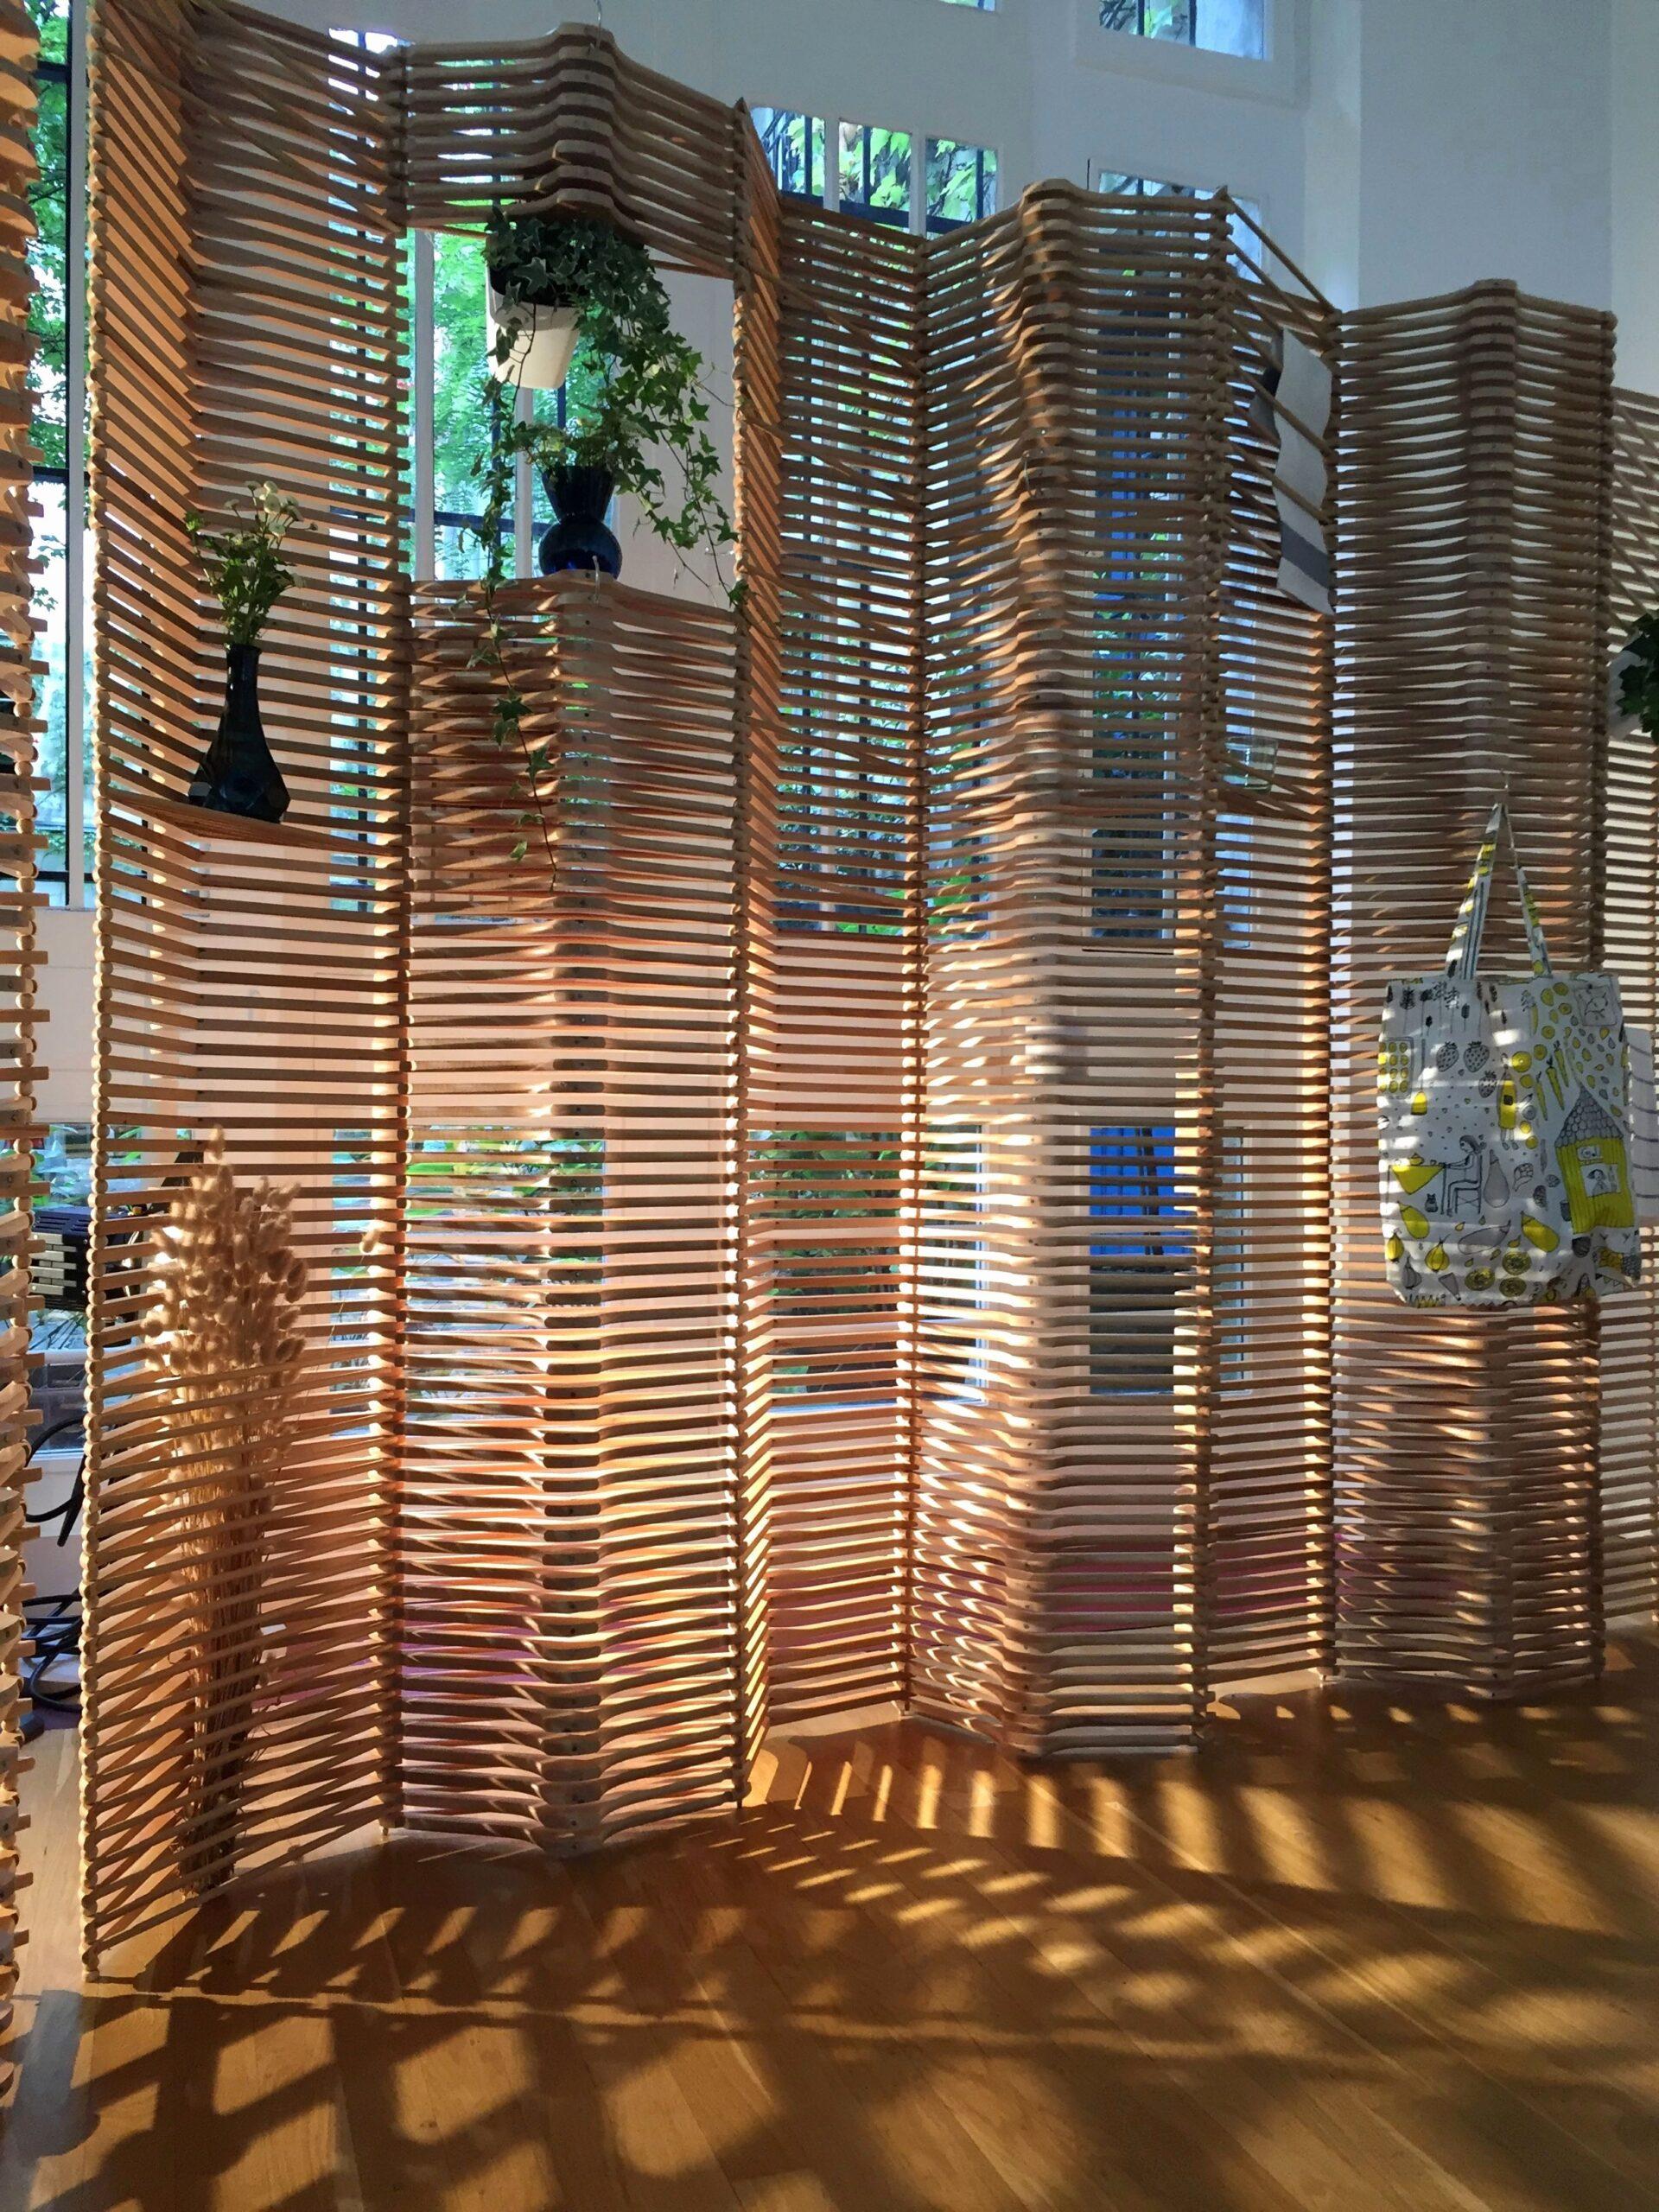 Full Size of Bildergebnis Fr Bambus Ikea Mit Bildern Paravent Garten Bett Wohnzimmer Paravent Bambus Balkon